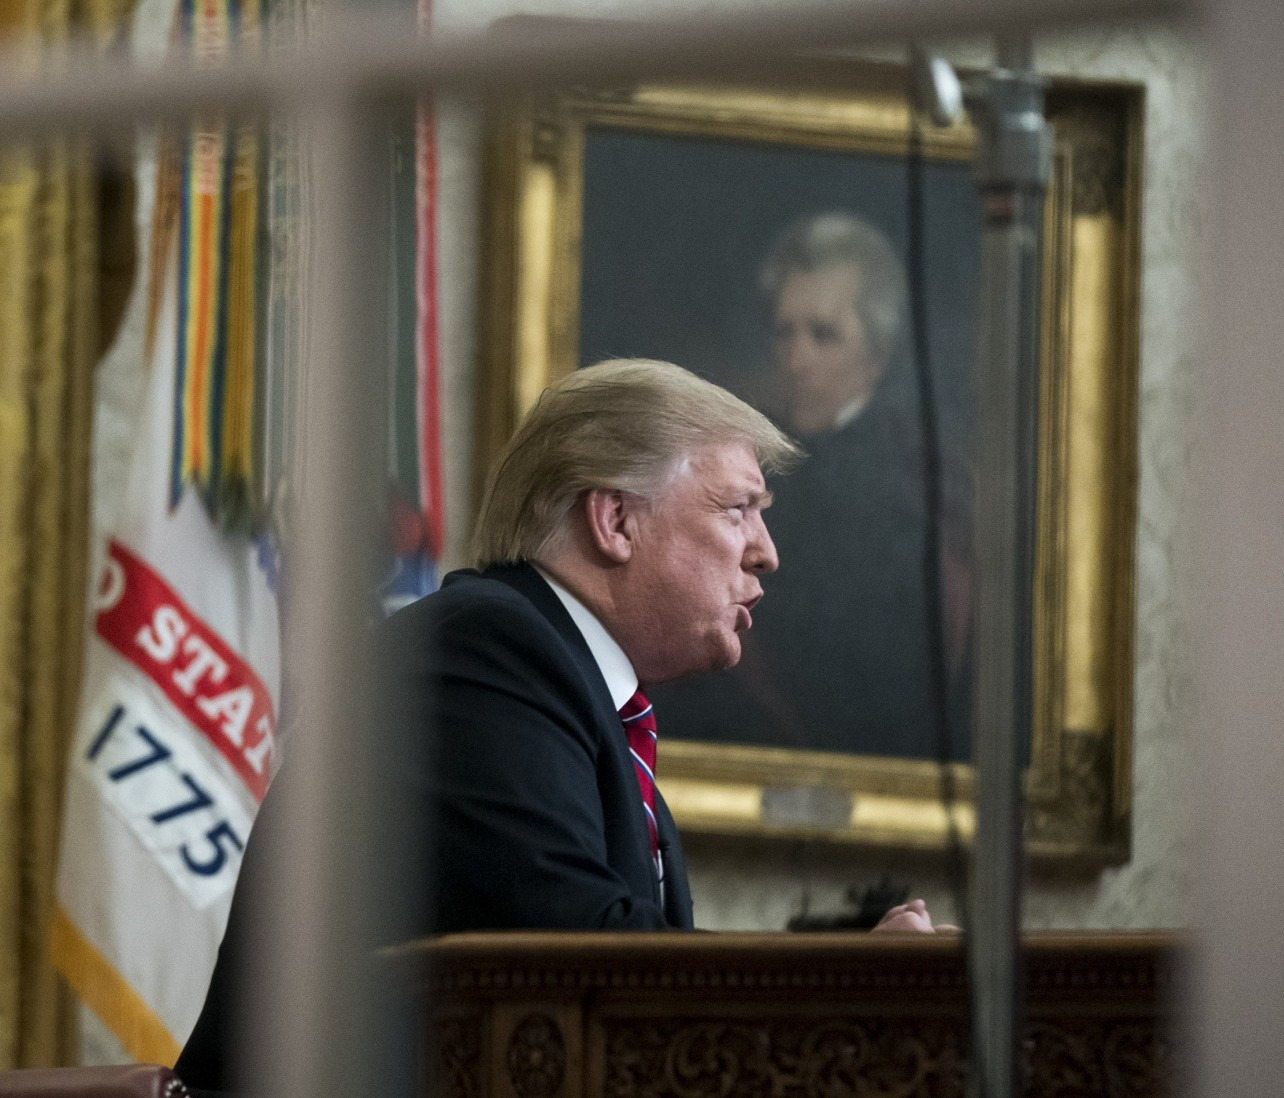 Il presidente Trump consegna un discorso a Washington, D.C.